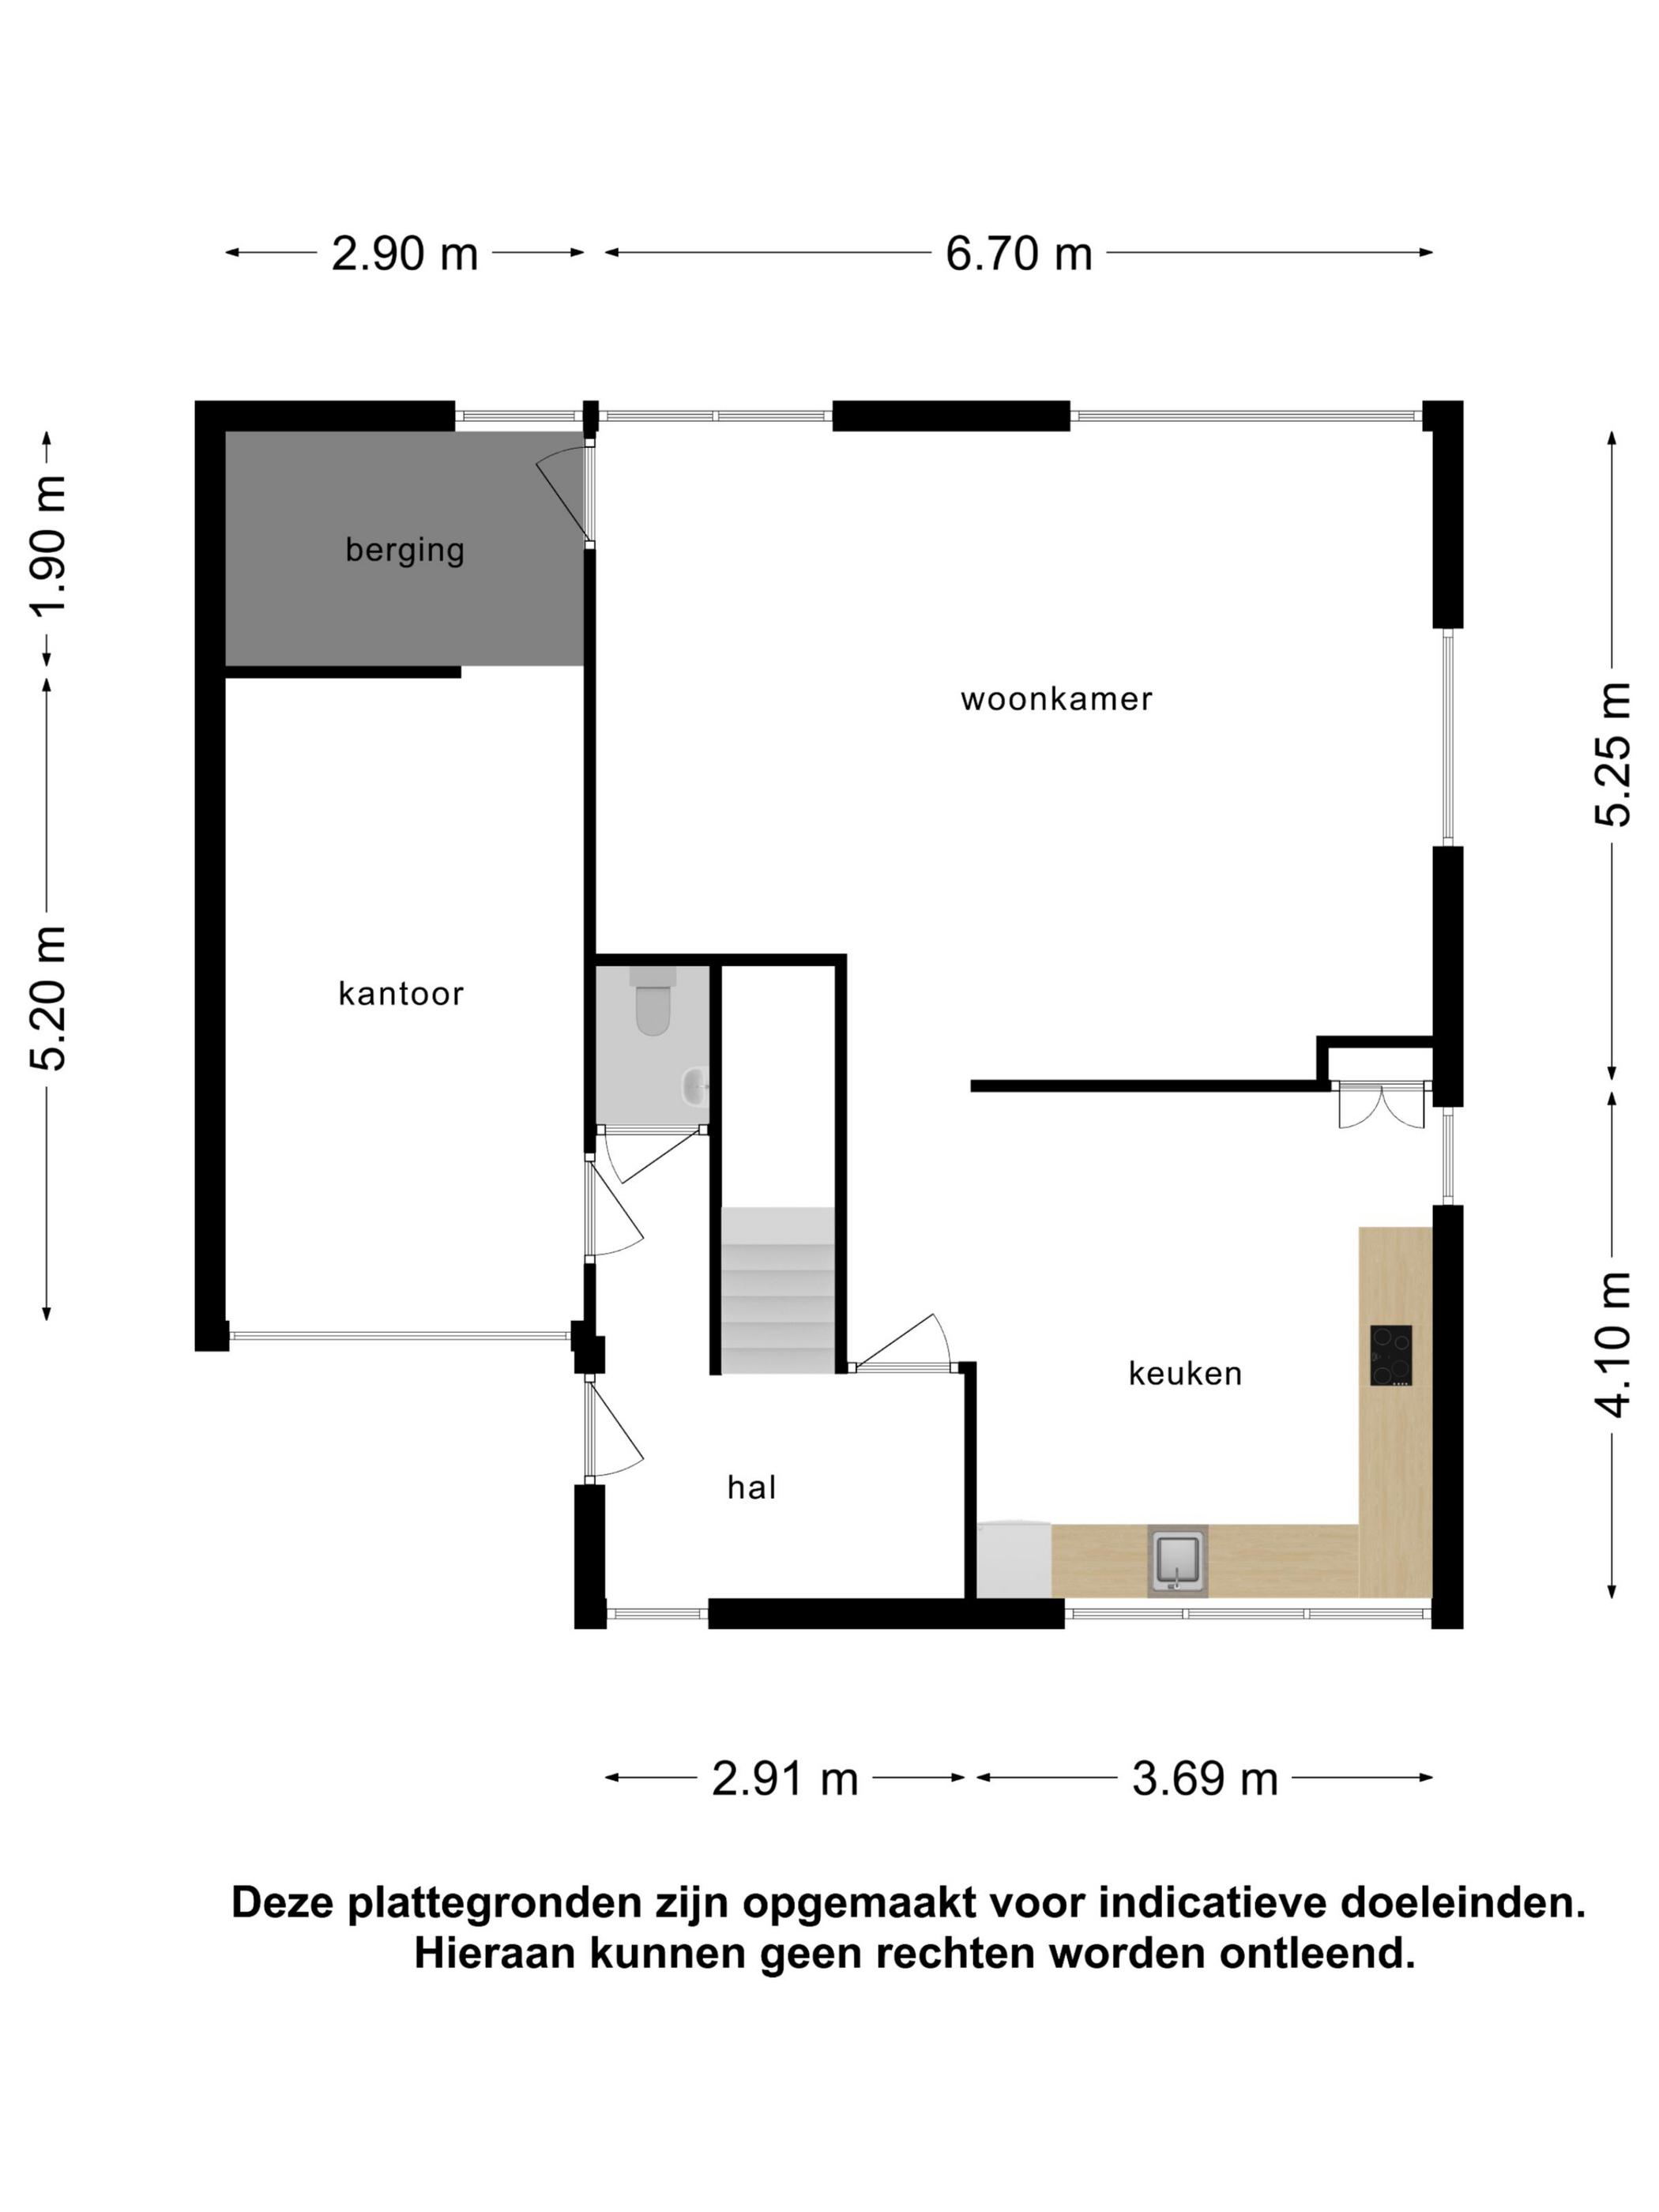 de-jagersherne-3-ijlst-plattegrond-36